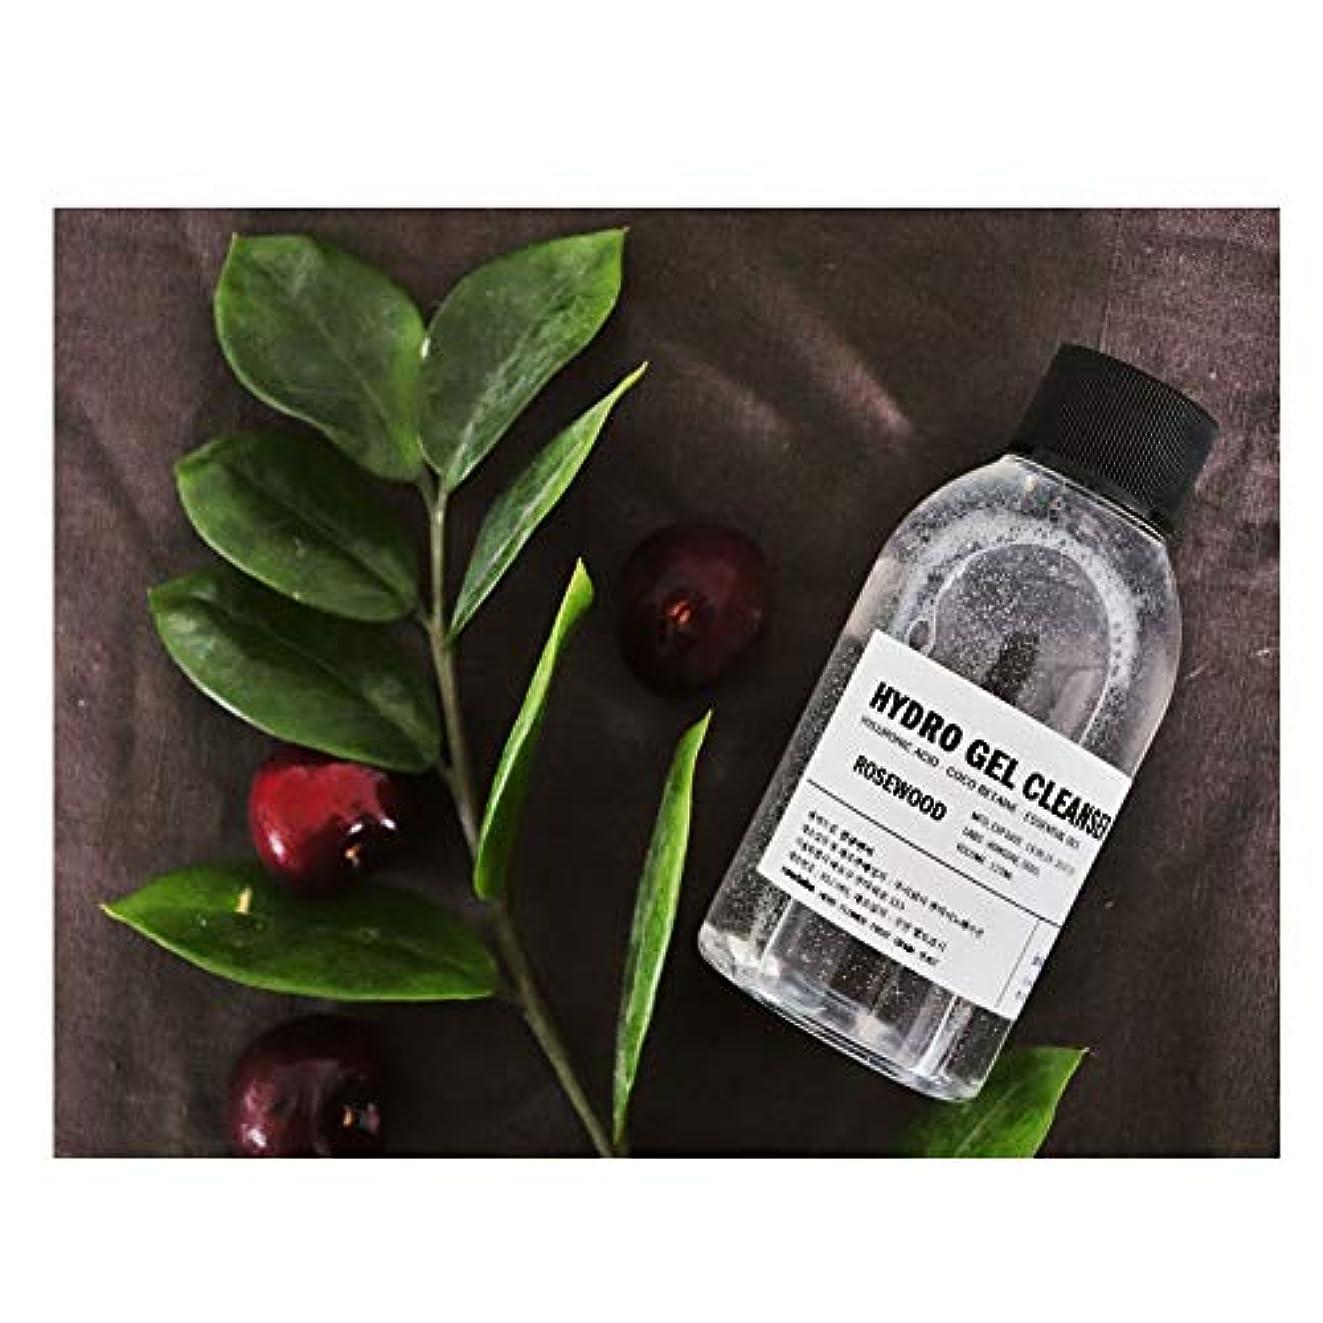 失望把握規範ローラプスpH5ハイドロゼルクレンザー 120ml 韓国コスメ、Rawlabs pH5 Hydro Gel Cleanser 120ml Korean Cosmetics [海外直送品] (No 3. rosewood)